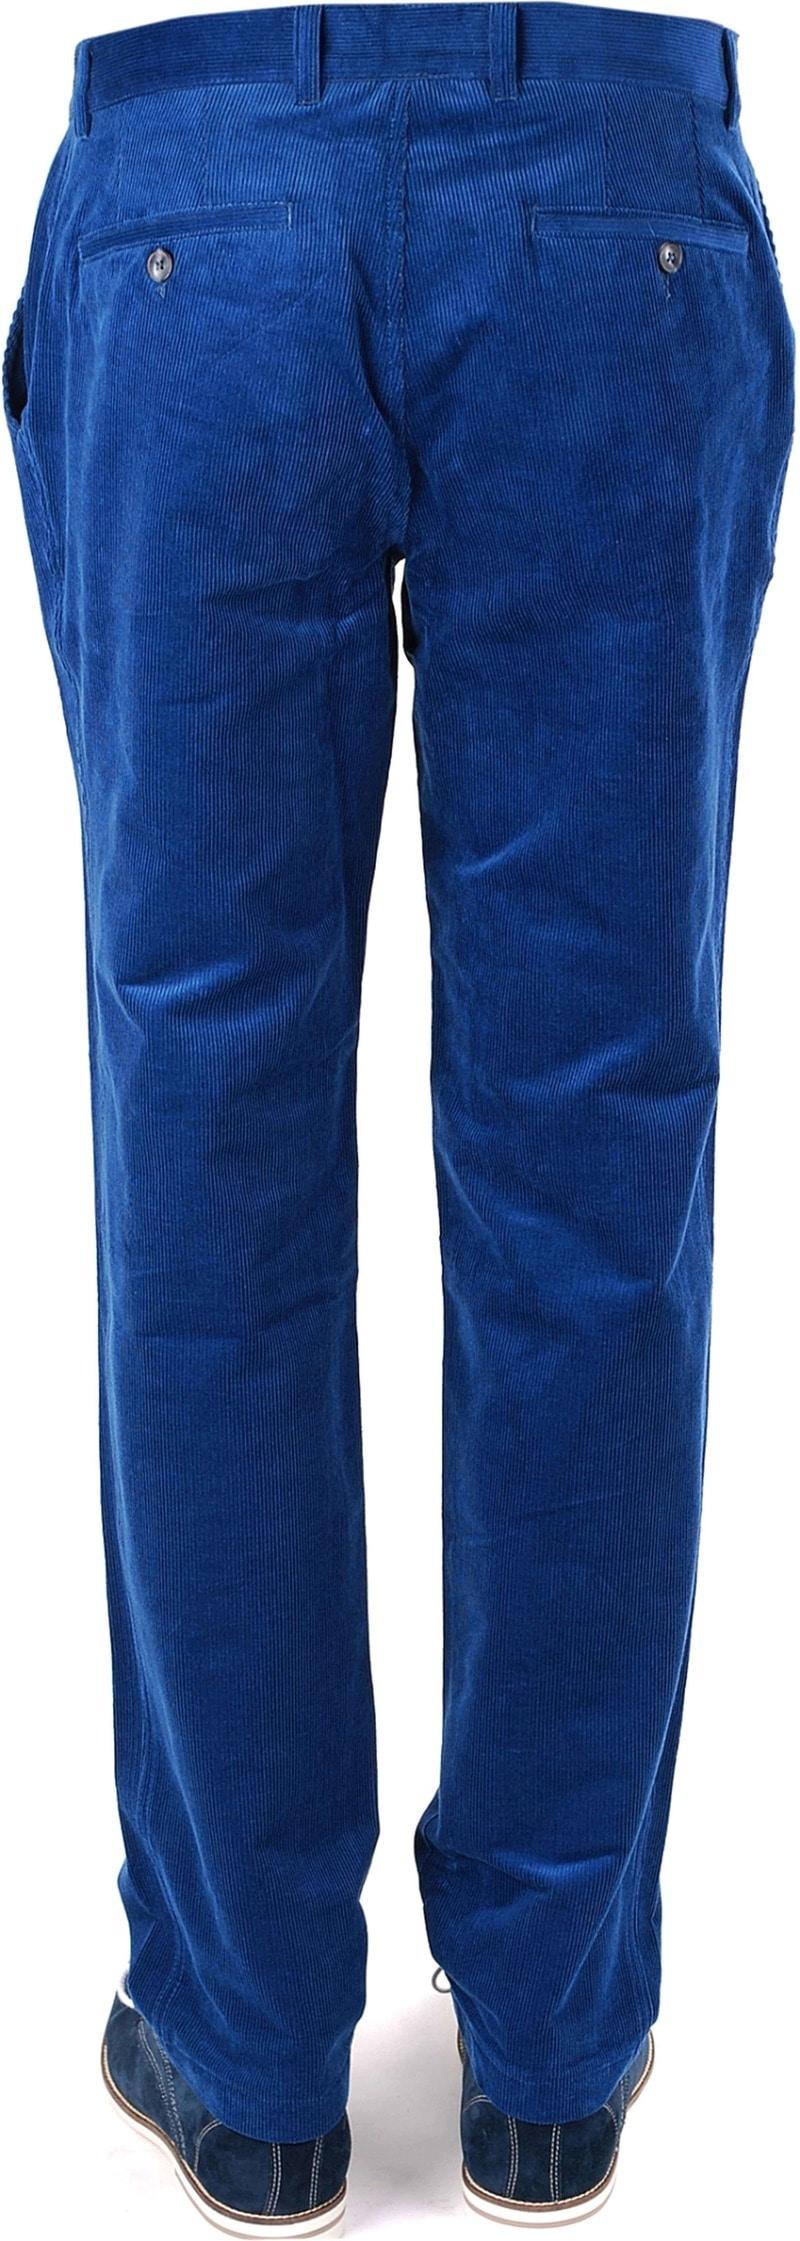 Suitable Chino Cord Royal Blau